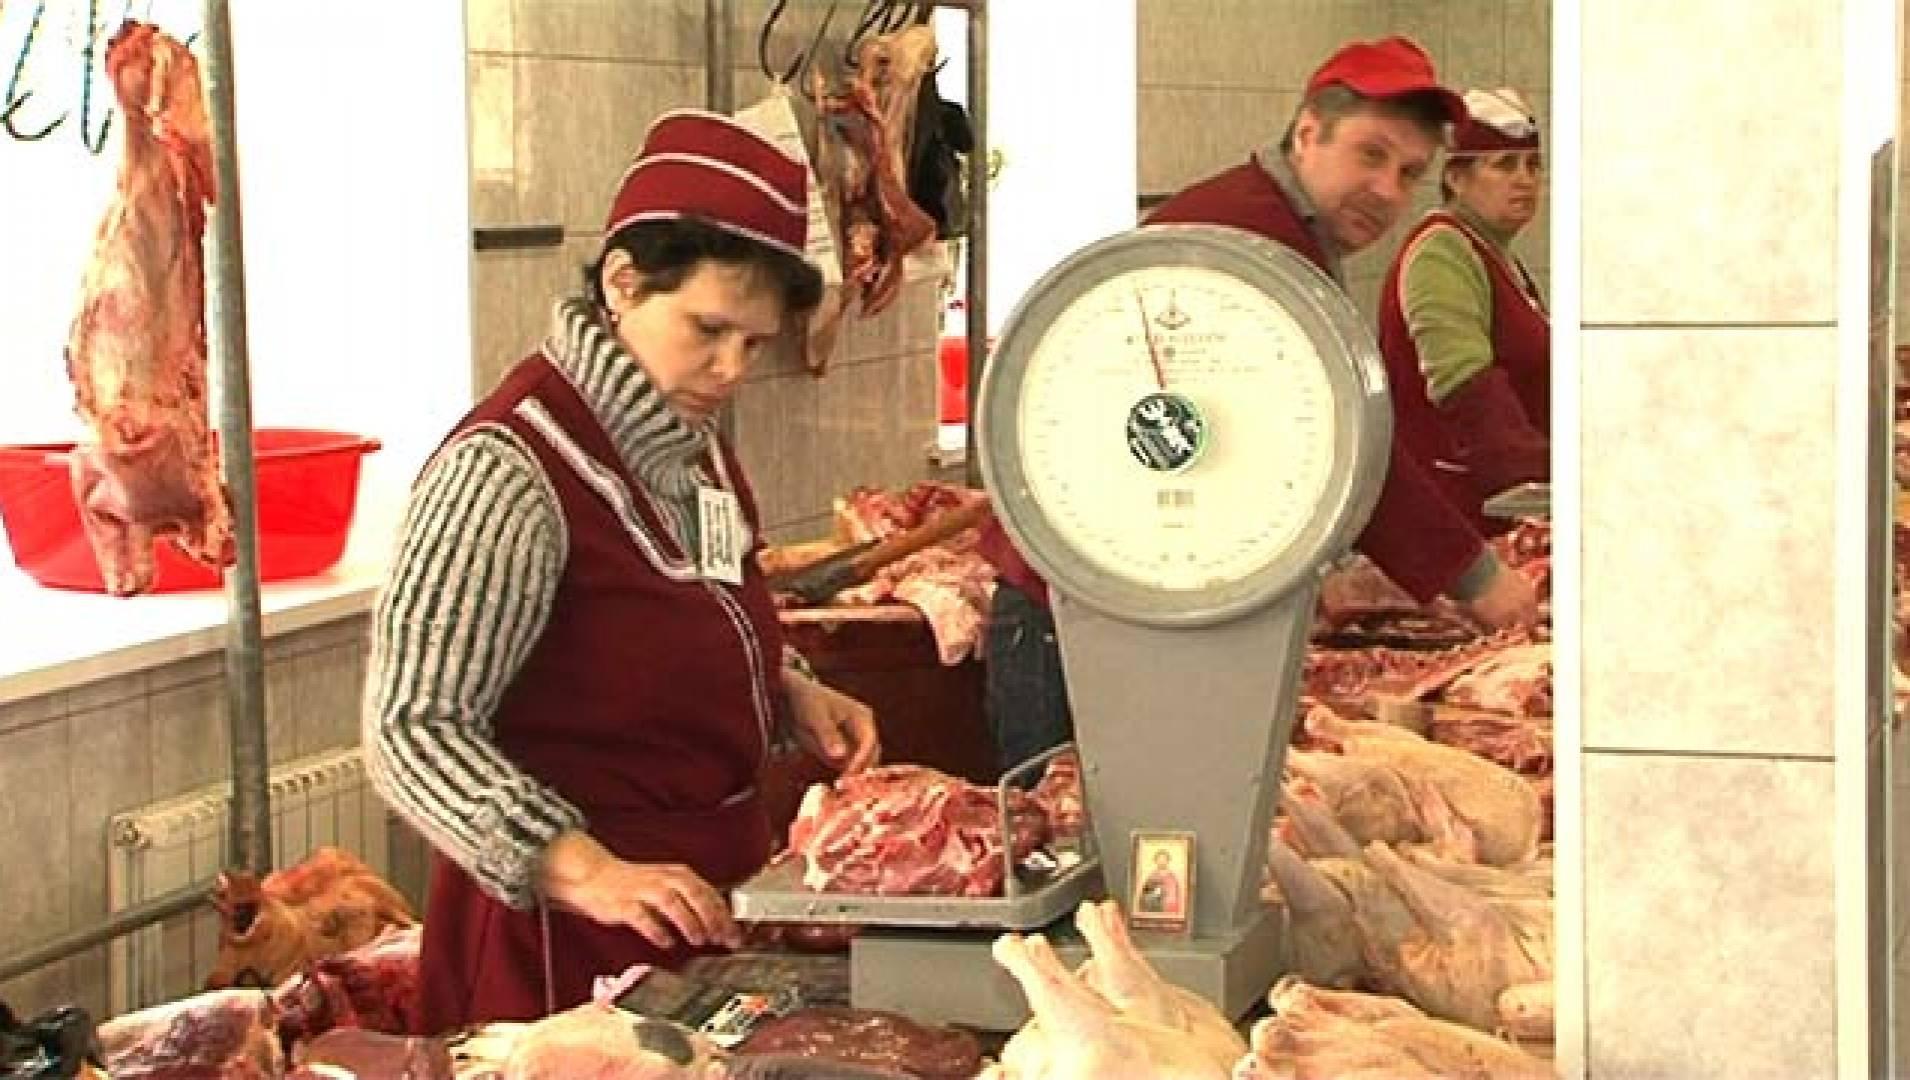 Среда обитания. Много мяса из ничего - Познавательный, Документальный фильм